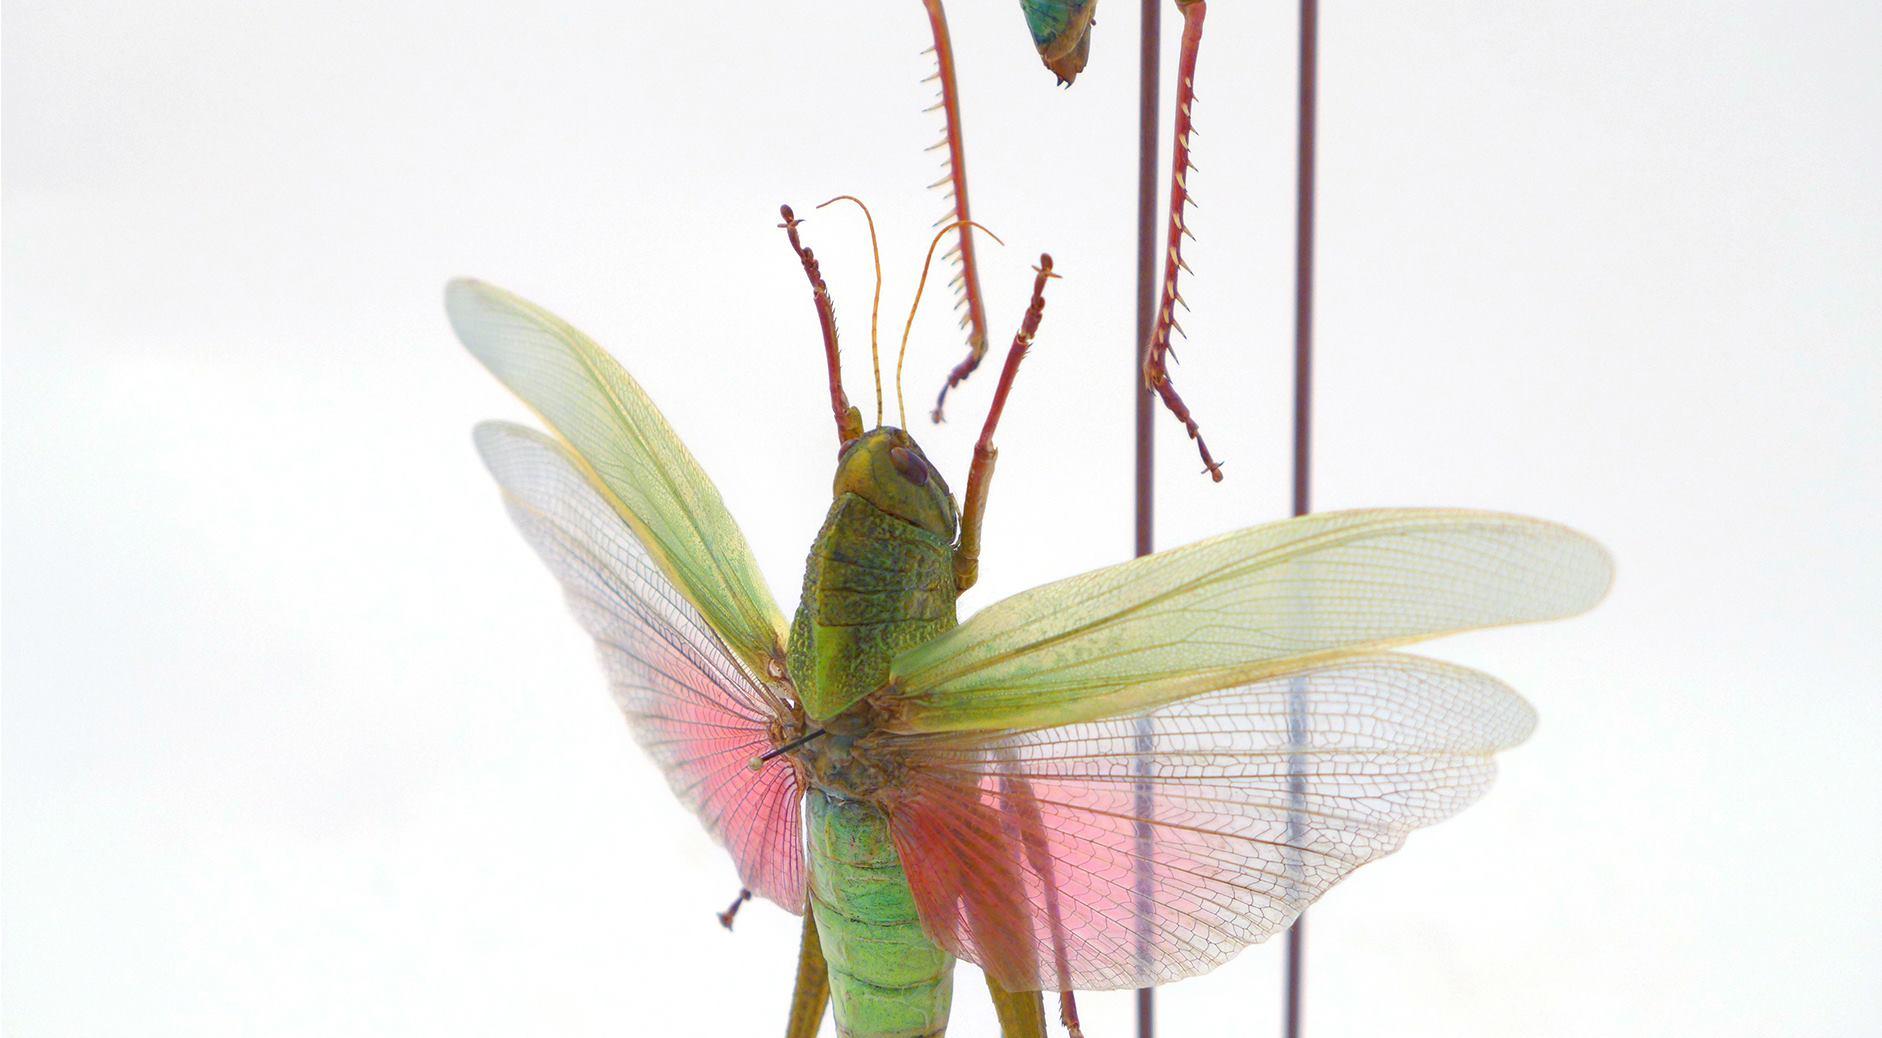 Orthoptera Acrididae Chondracris rosea